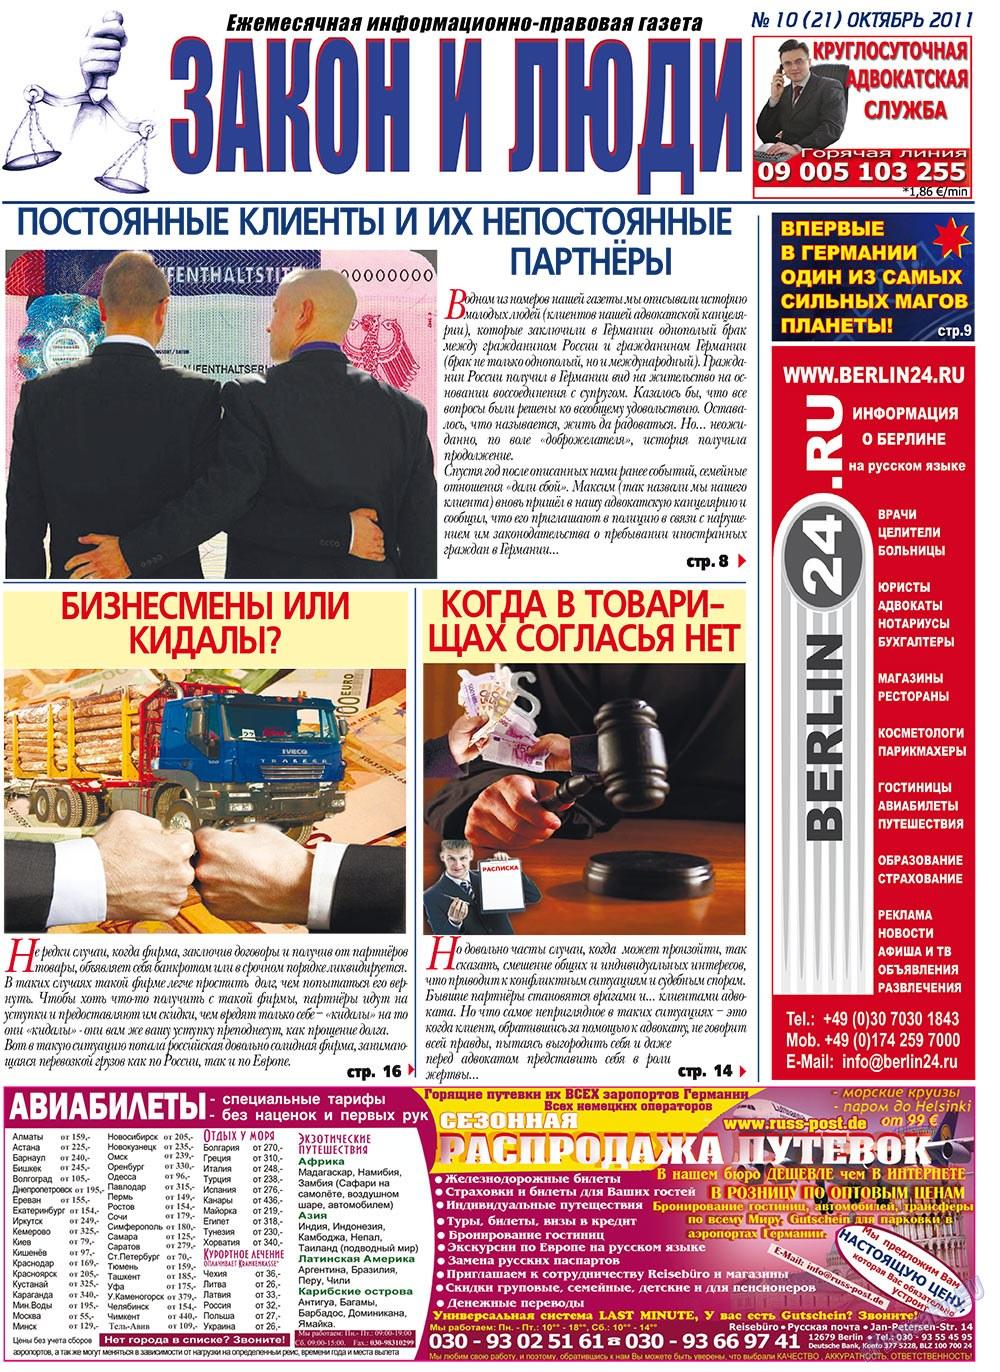 Закон и люди (газета). 2011 год, номер 10, стр. 1